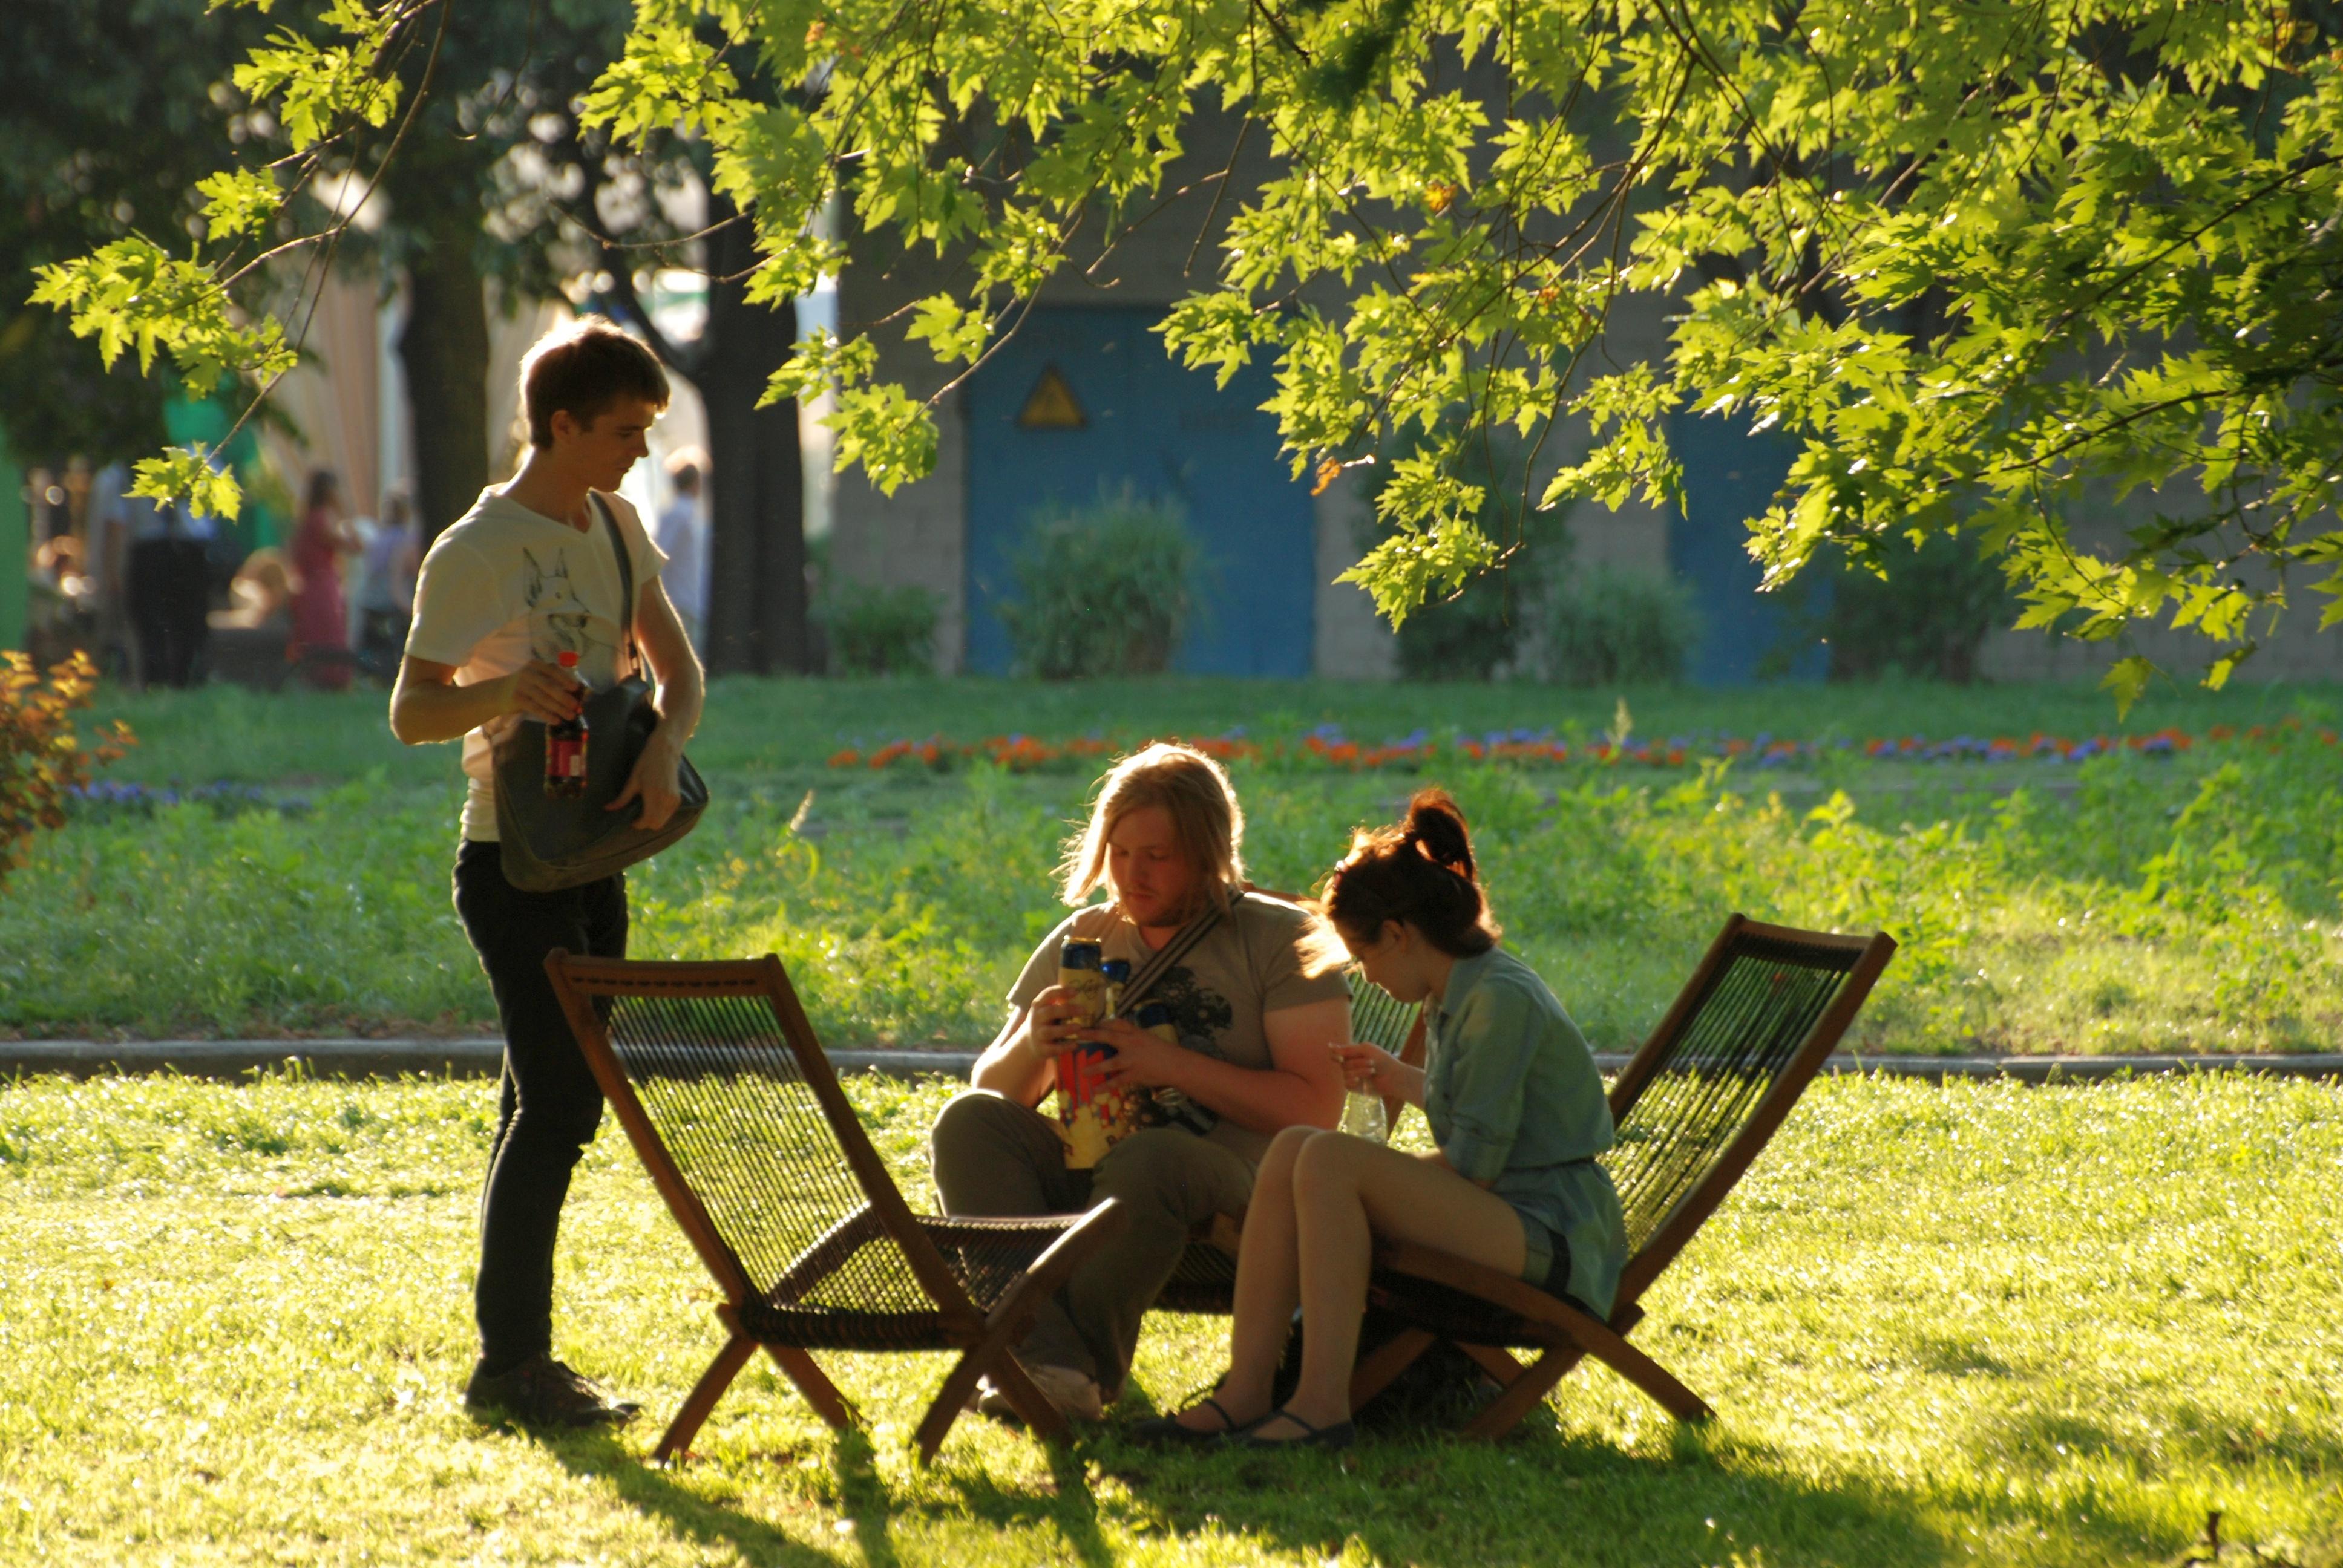 фото людей в парке девушка